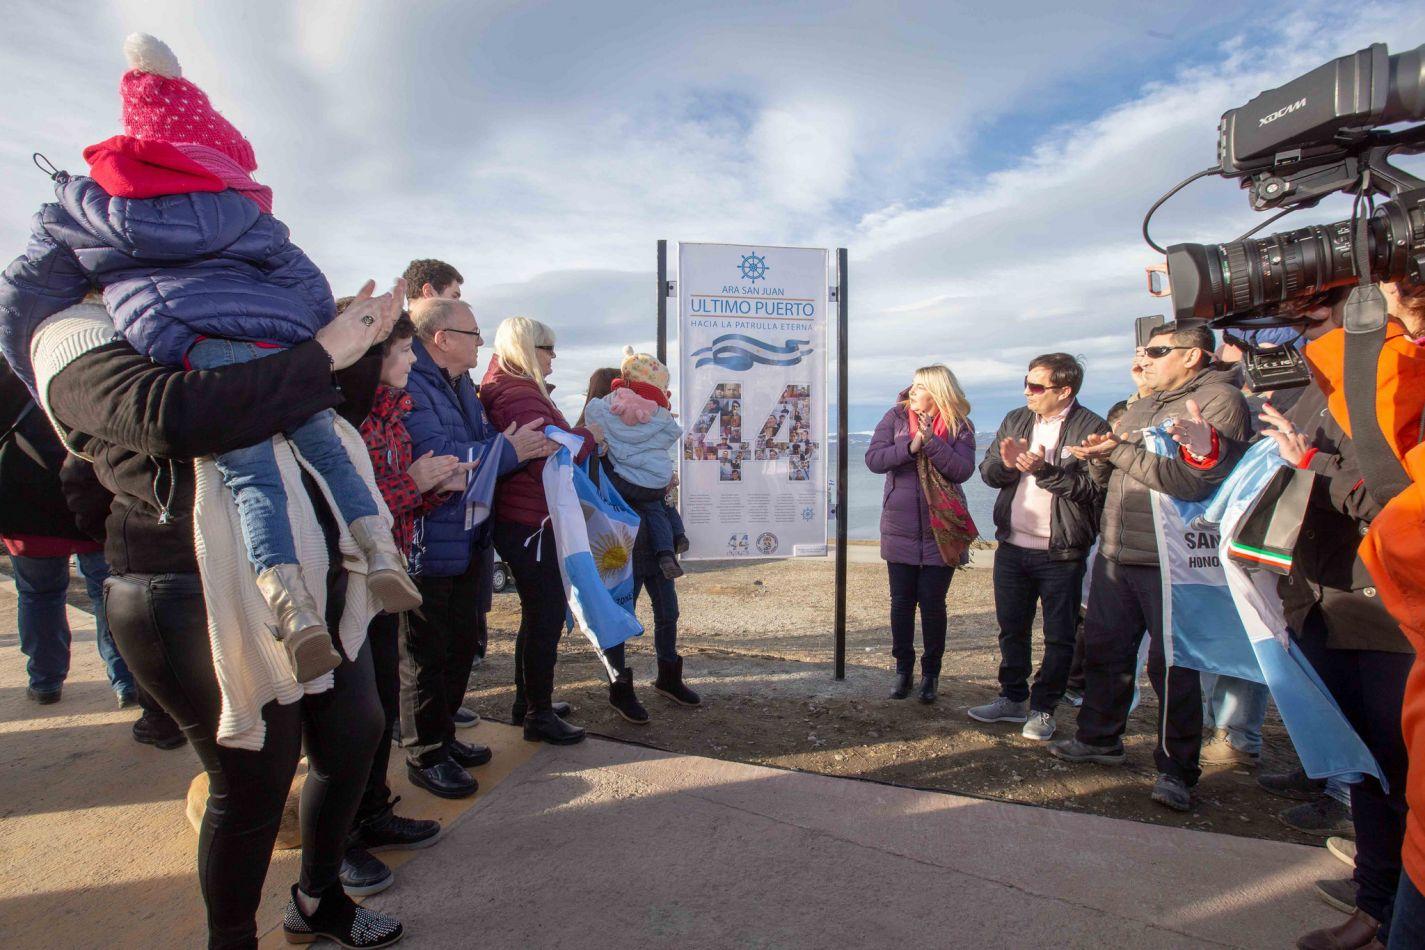 Reconocimiento a los 44 héroes del Submarino Ara San Juan